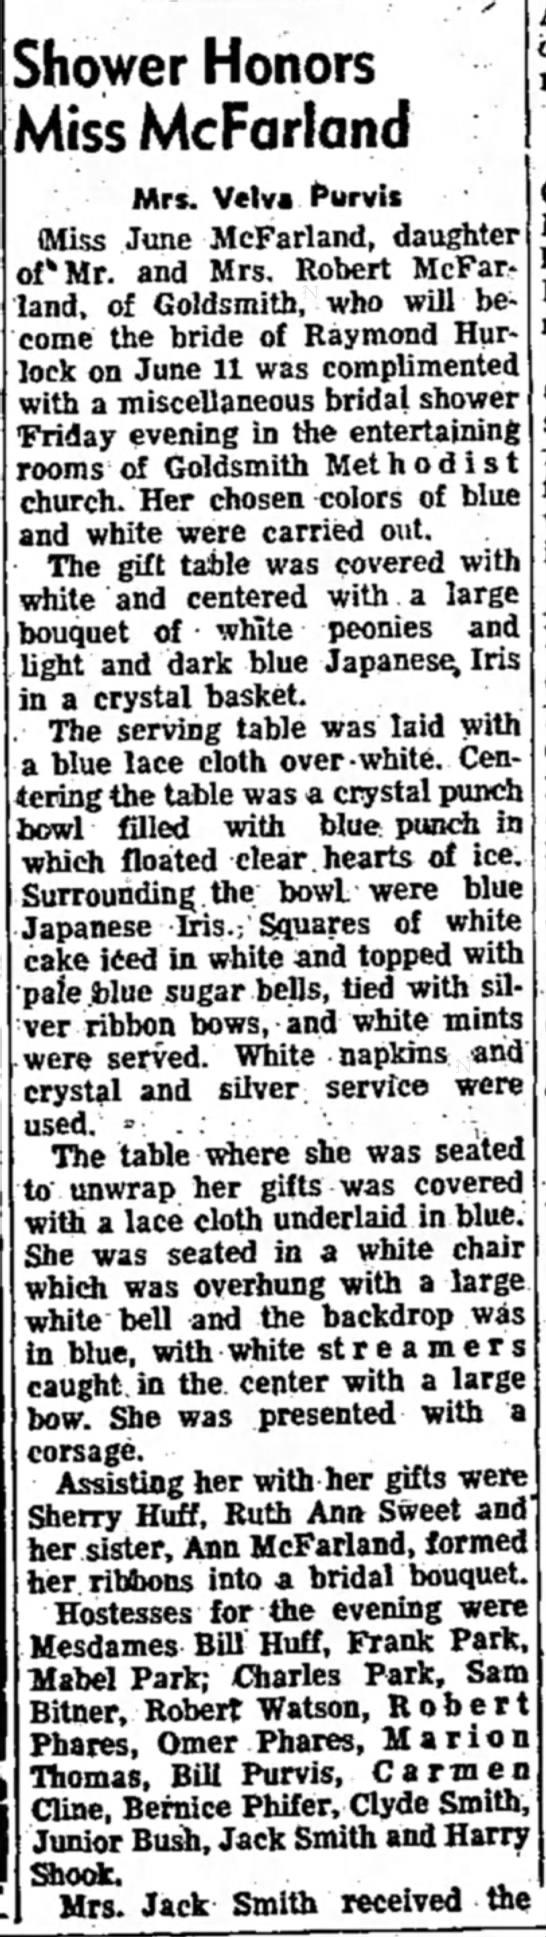 Tipton TribuneTipton, Indiana6 June 1960Page 3